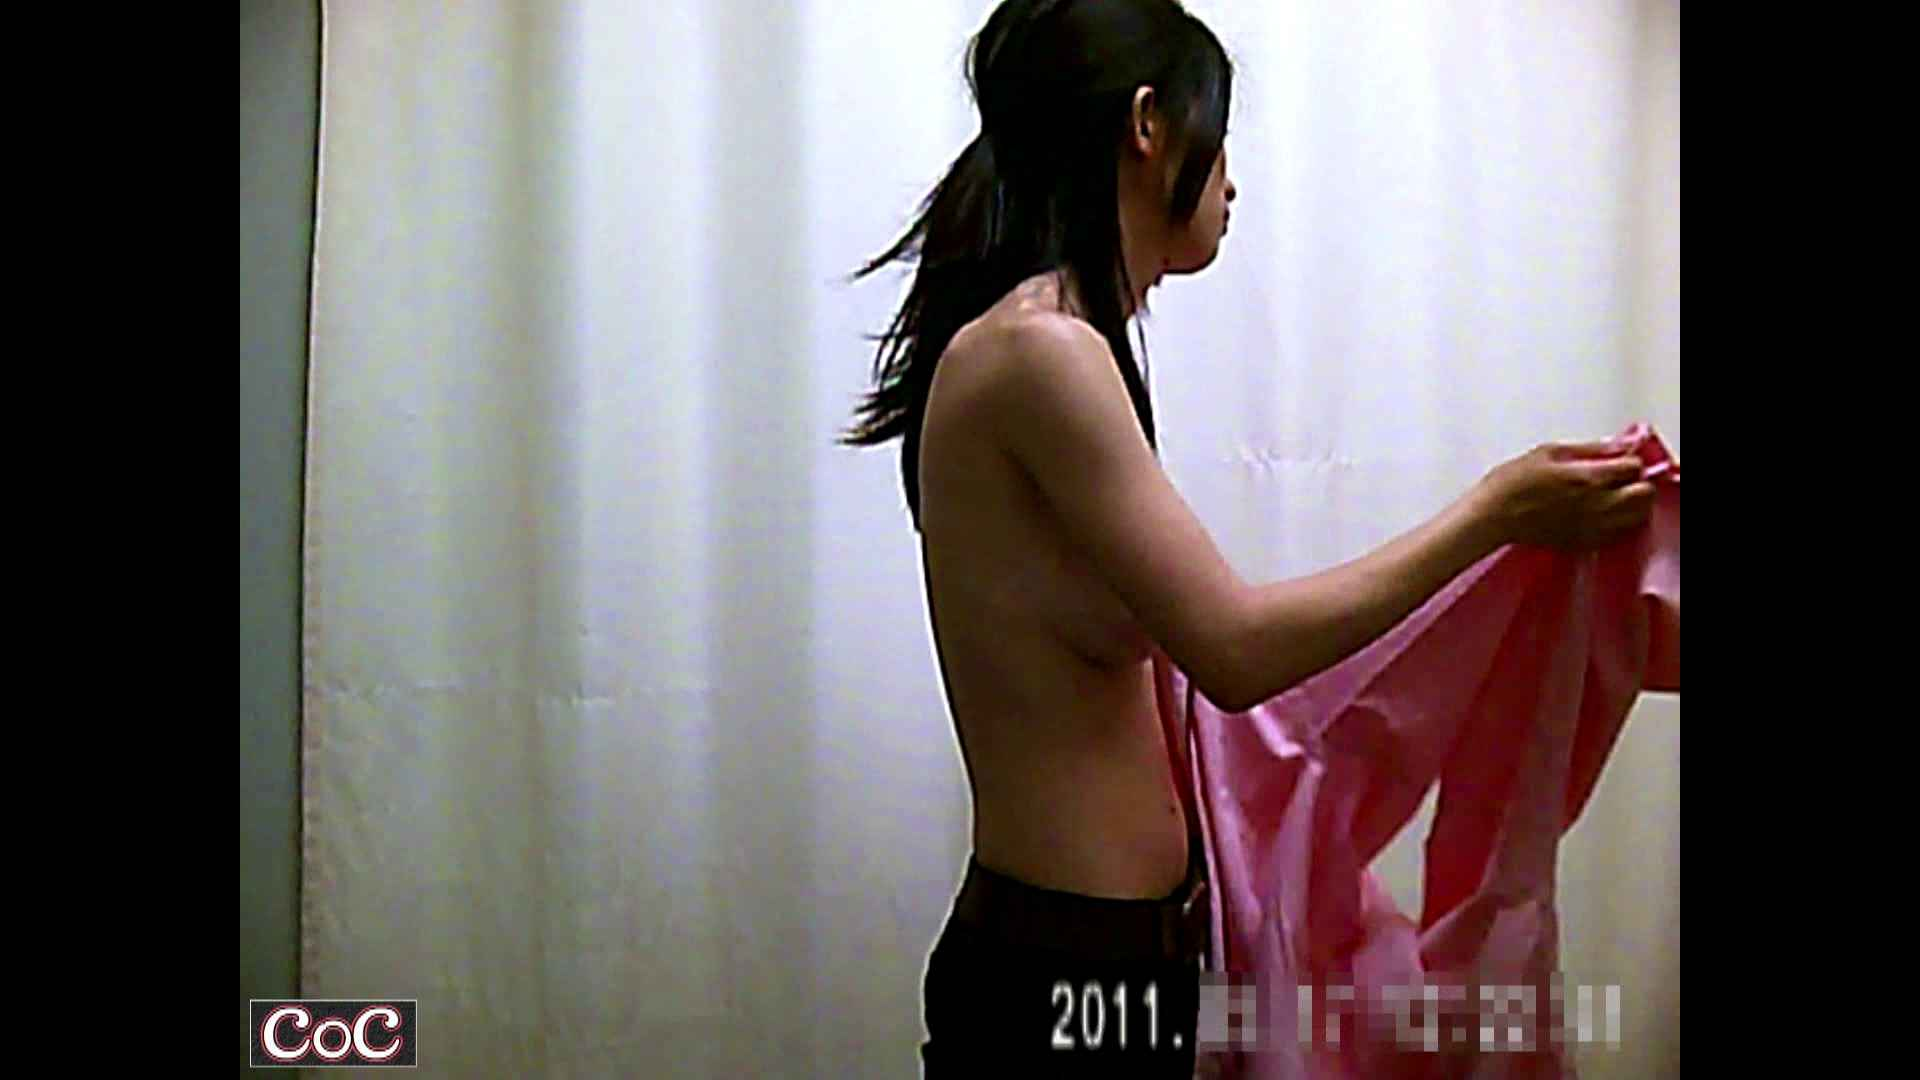 元医者による反抗 更衣室地獄絵巻 vol.172 OLハメ撮り  29Pix 18